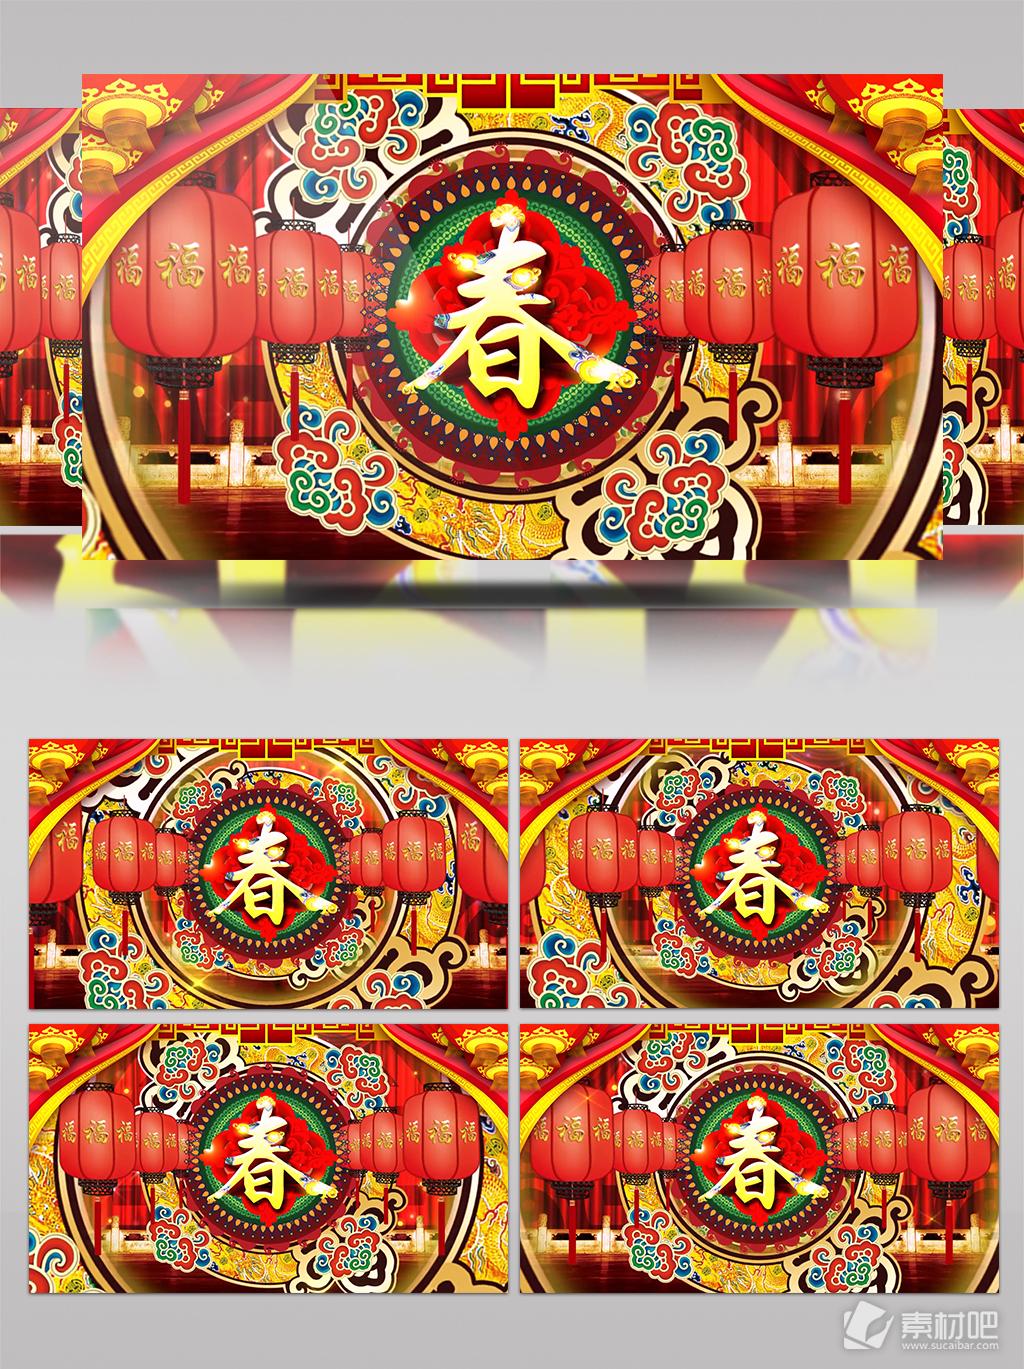 迎新春喜庆富贵新年晚会舞台背景视频素材